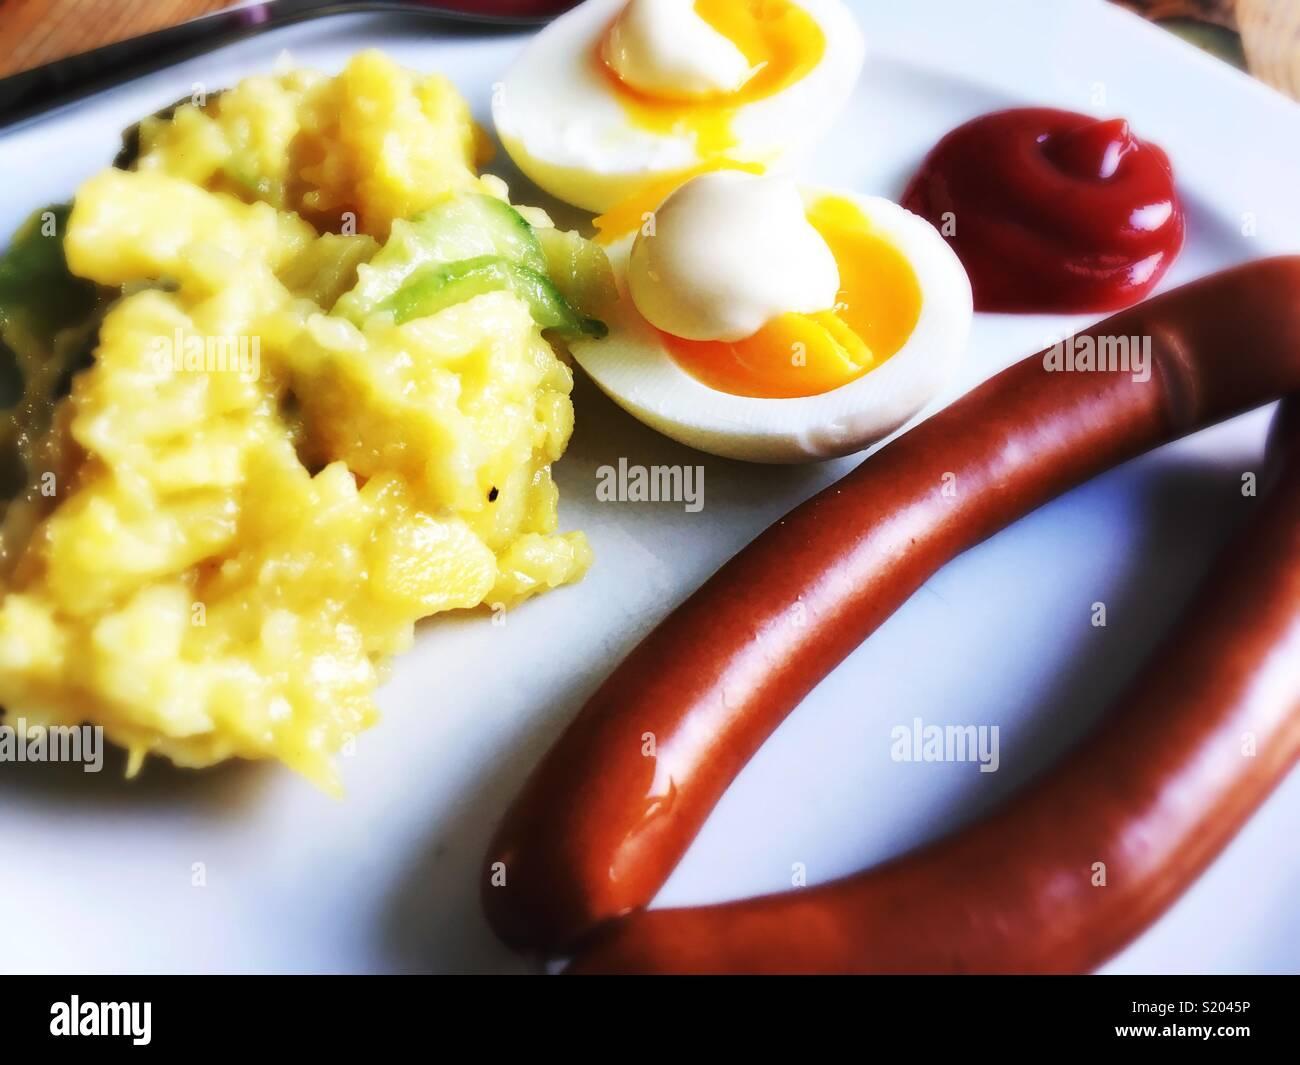 Un par de Viena, salchichas, huevos, mayonesa, ensalada de papas y salsa de tomate sobre una placa blanca. Imagen De Stock